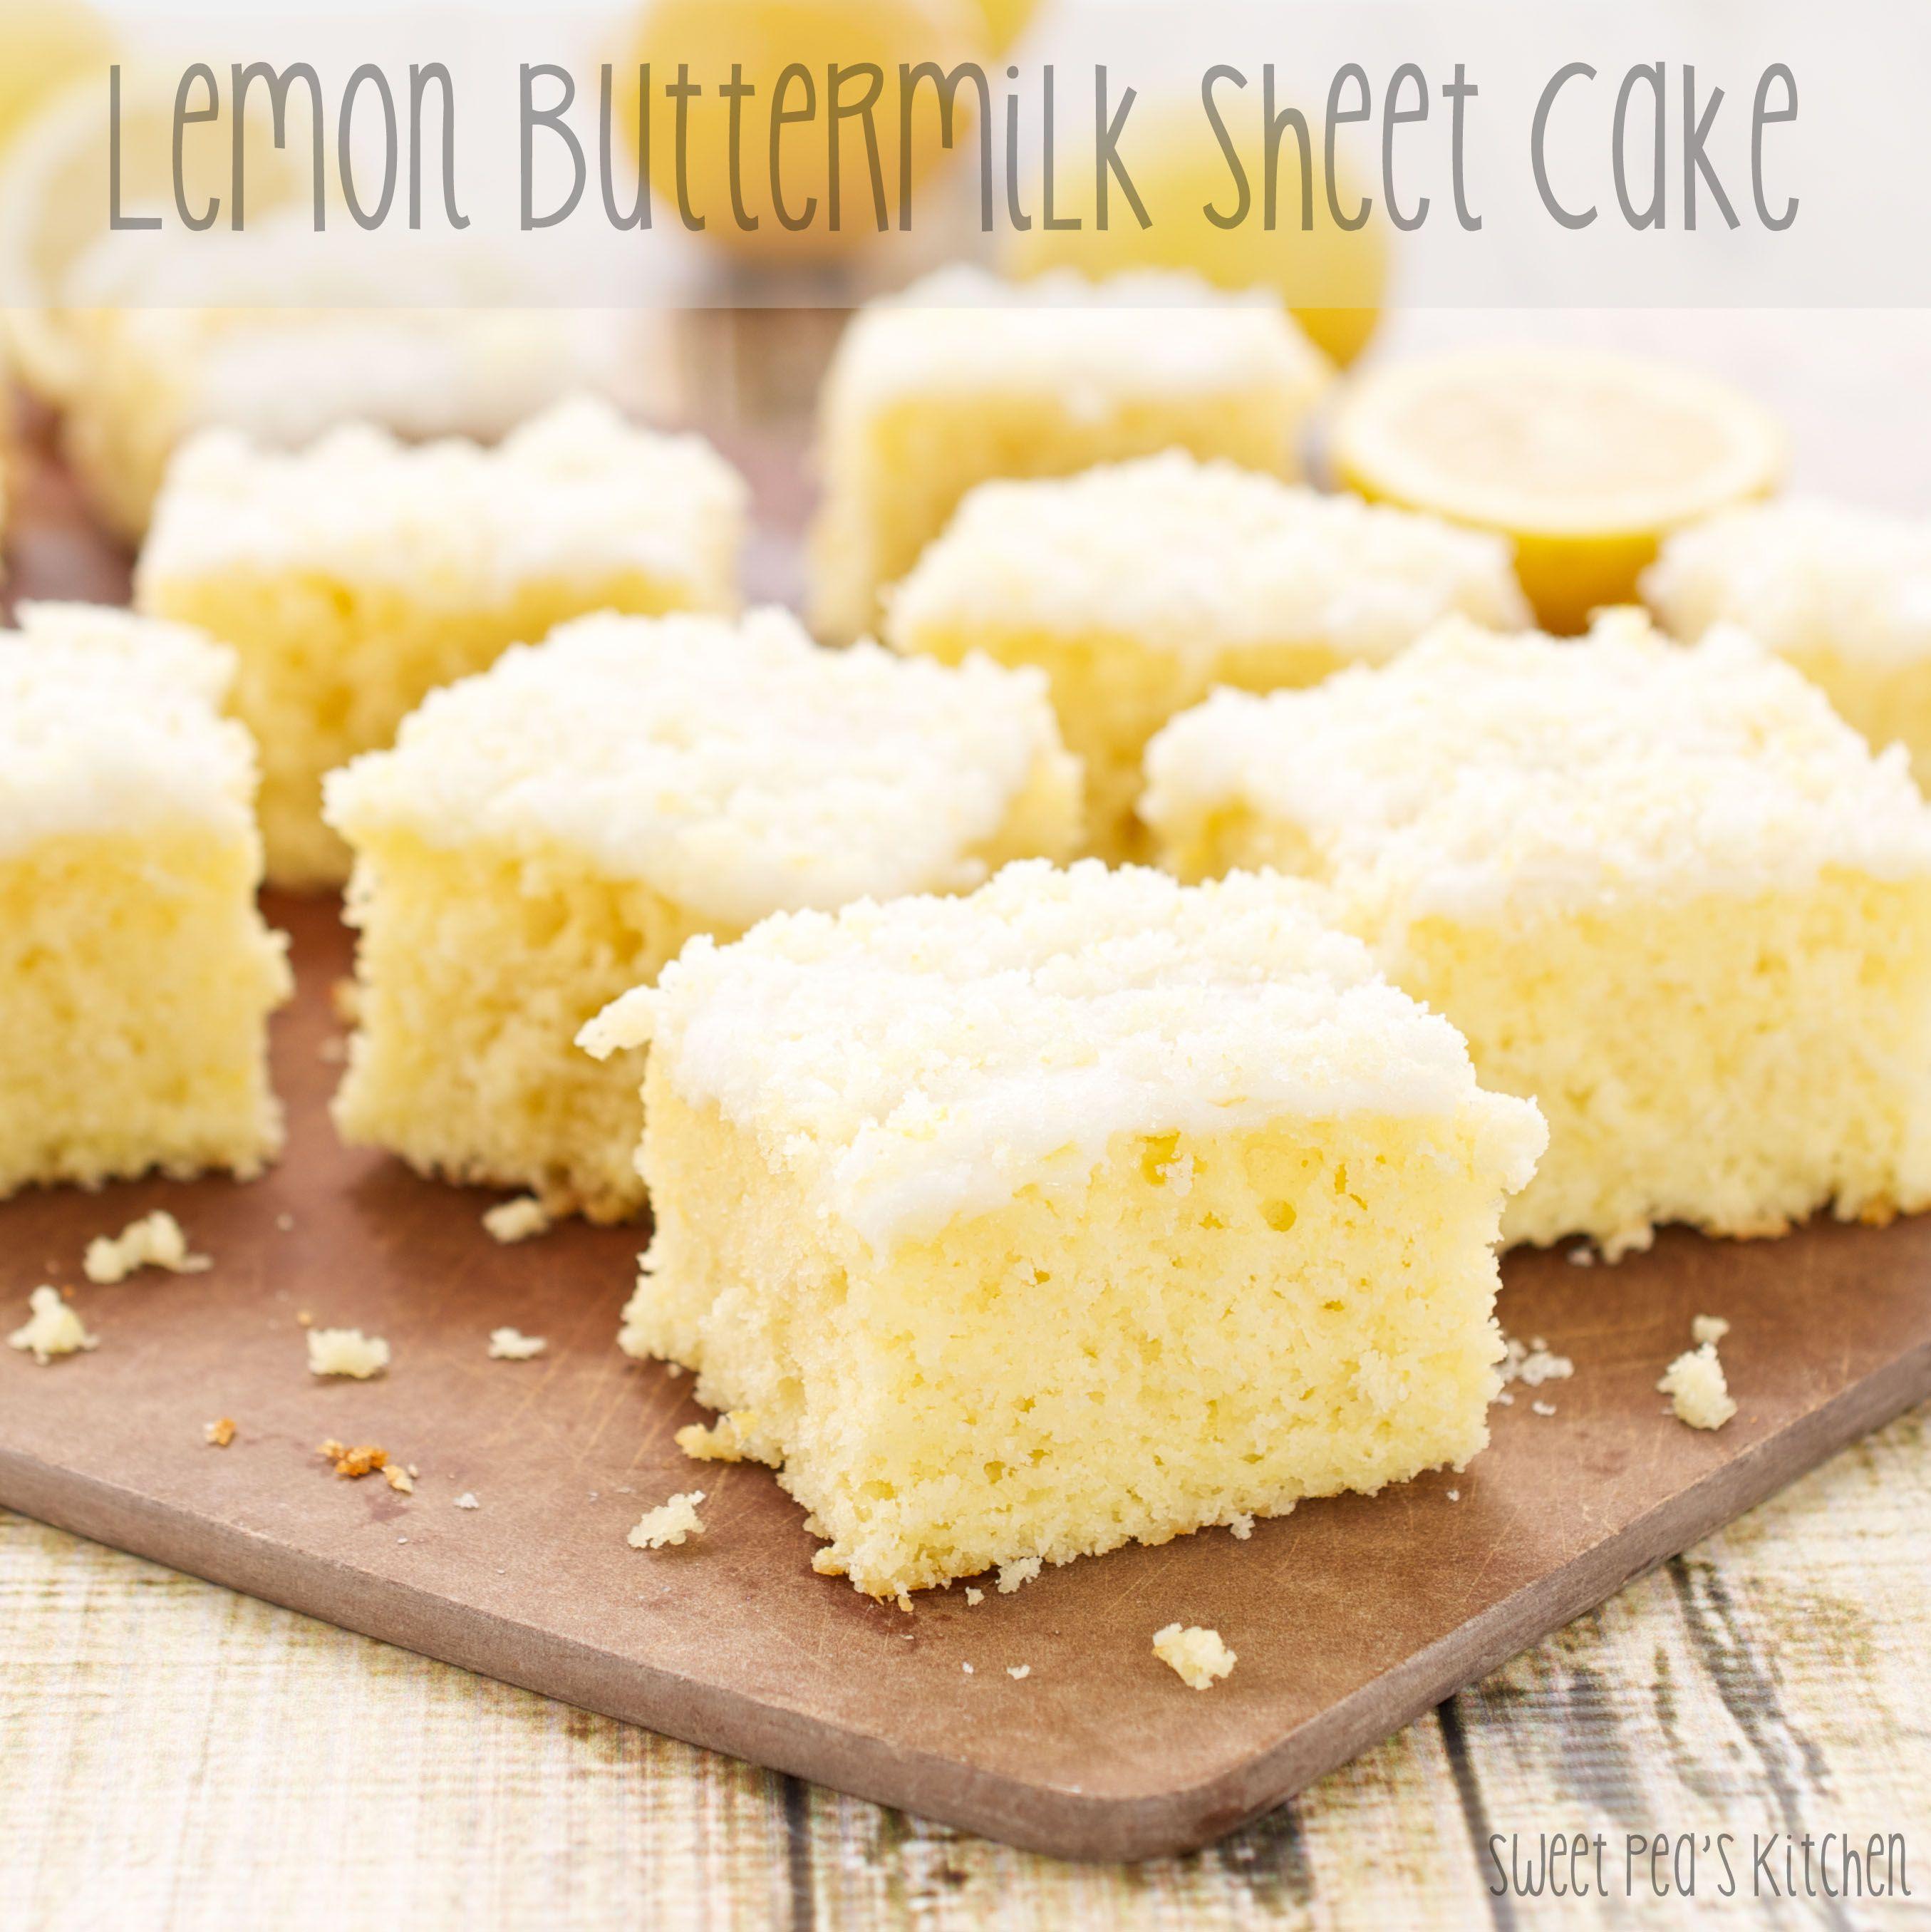 Easy Moist Lemon Cake Recipe Recipe Moist Lemon Cake Recipe Easy Moist Lemon Cake Lemon Sheet Cake Recipe